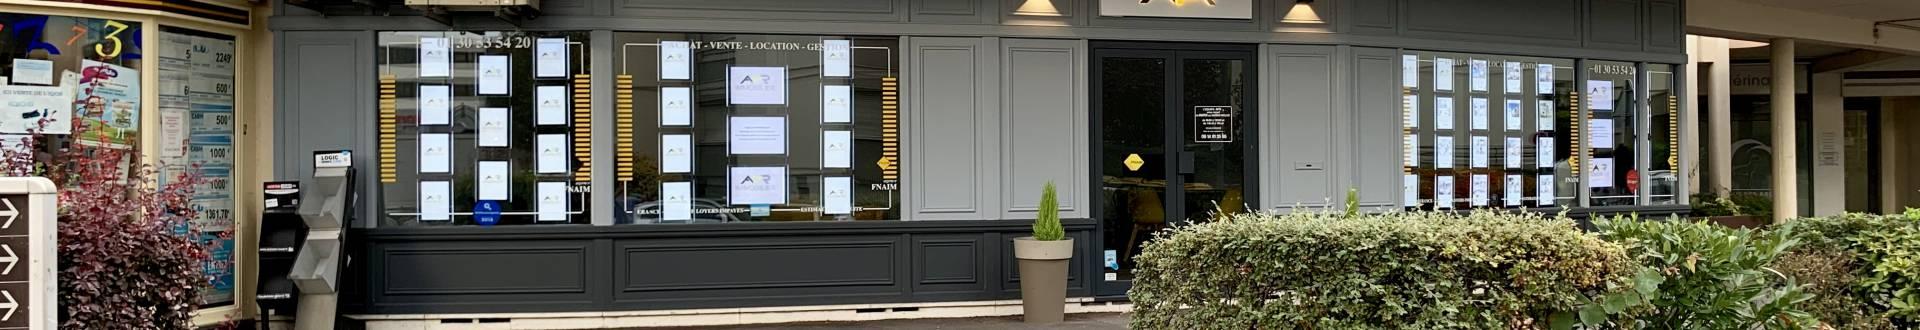 AFR IMMOBILIER   Chatou France   visite virtuelle 360 3D VR